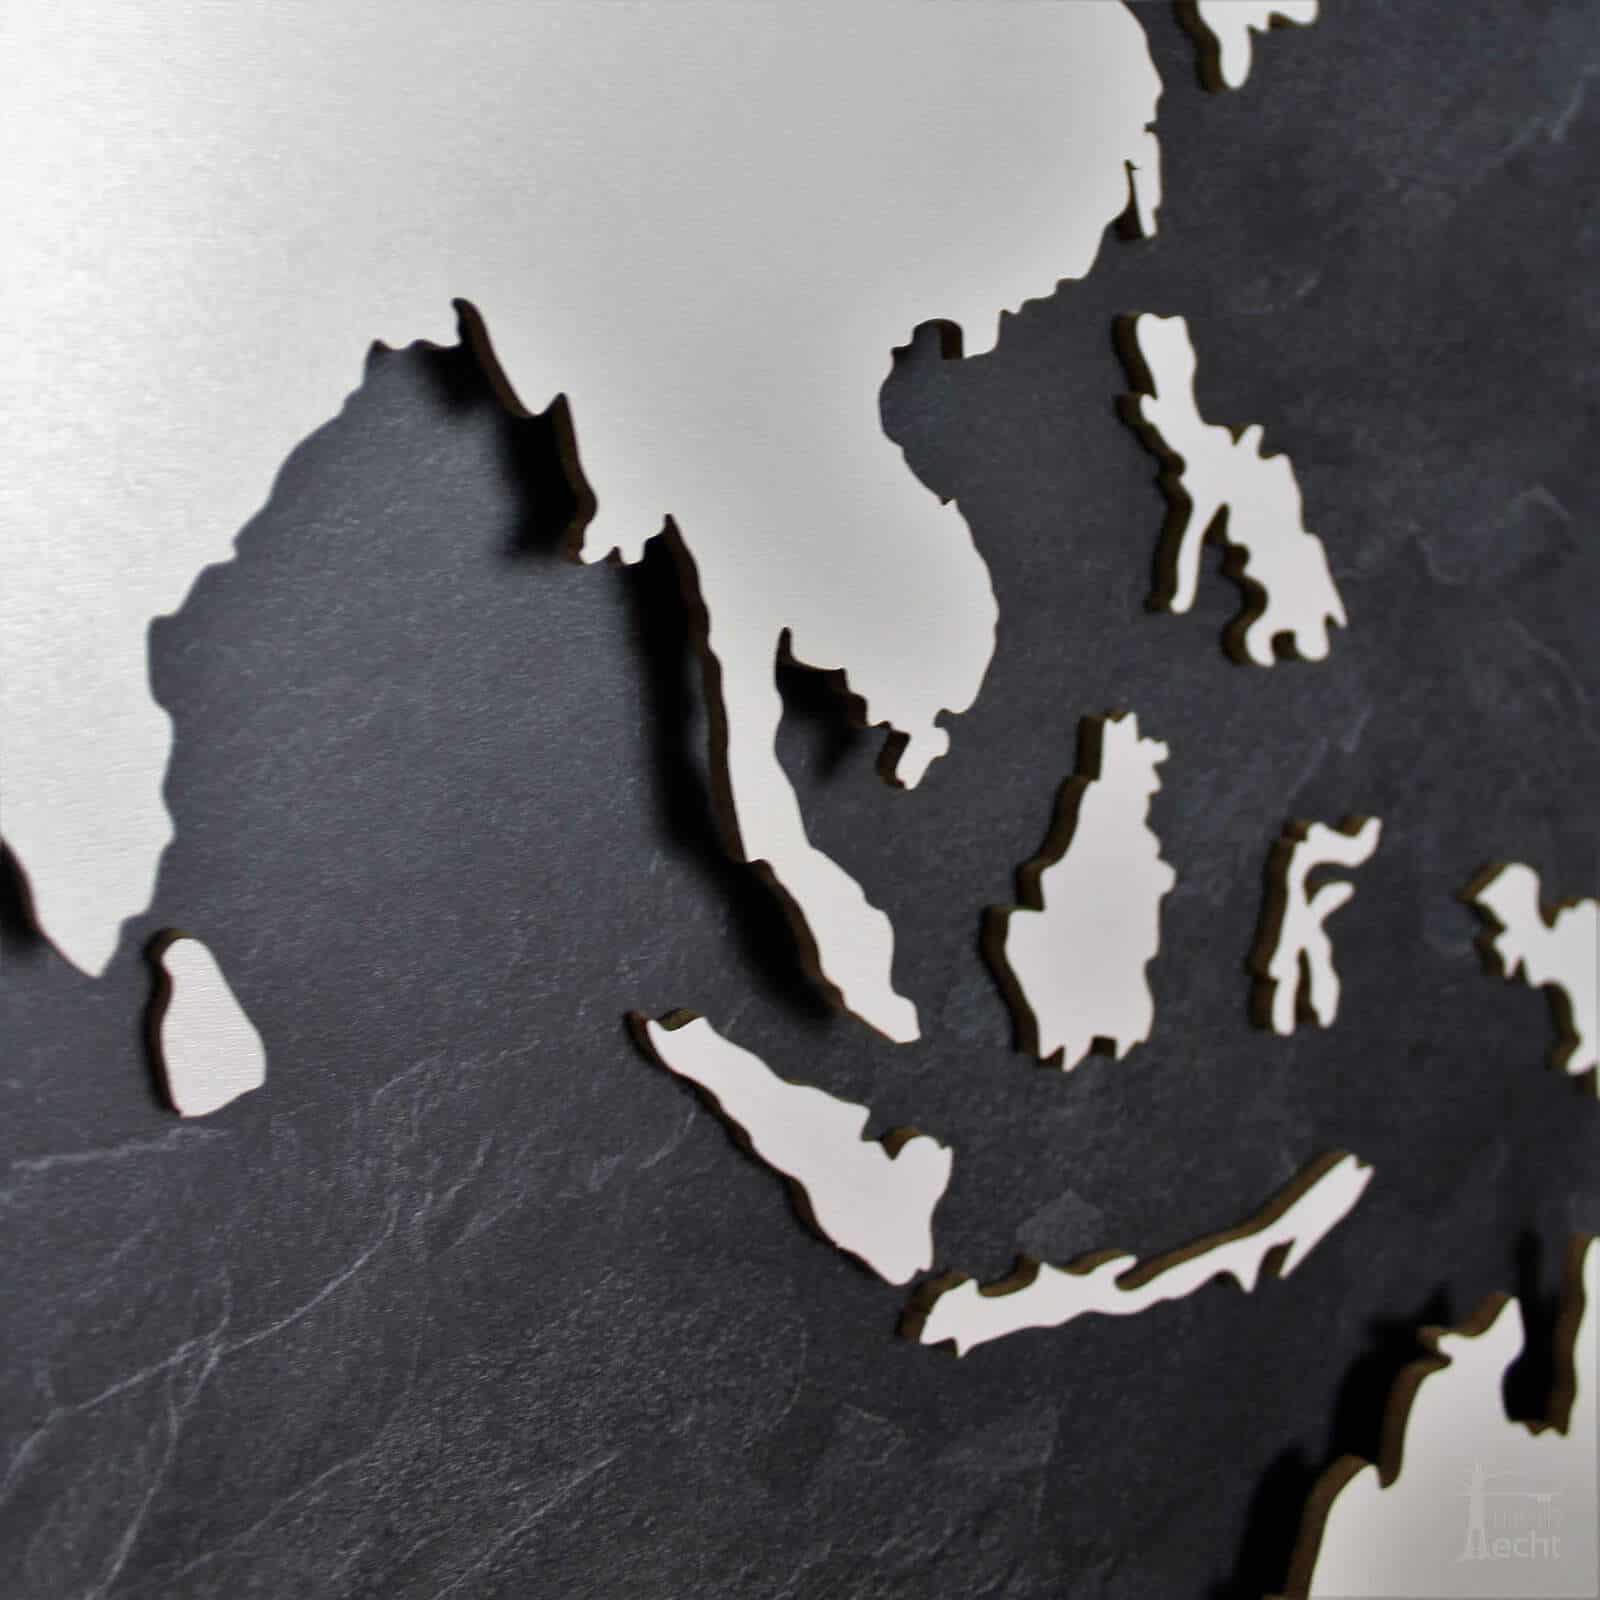 Weltkarte-Schiefer-Wandbild-Beleuchtet-WeißesKontinente-Holz-Welt-Karte-XXL-WelkartenAusHolz